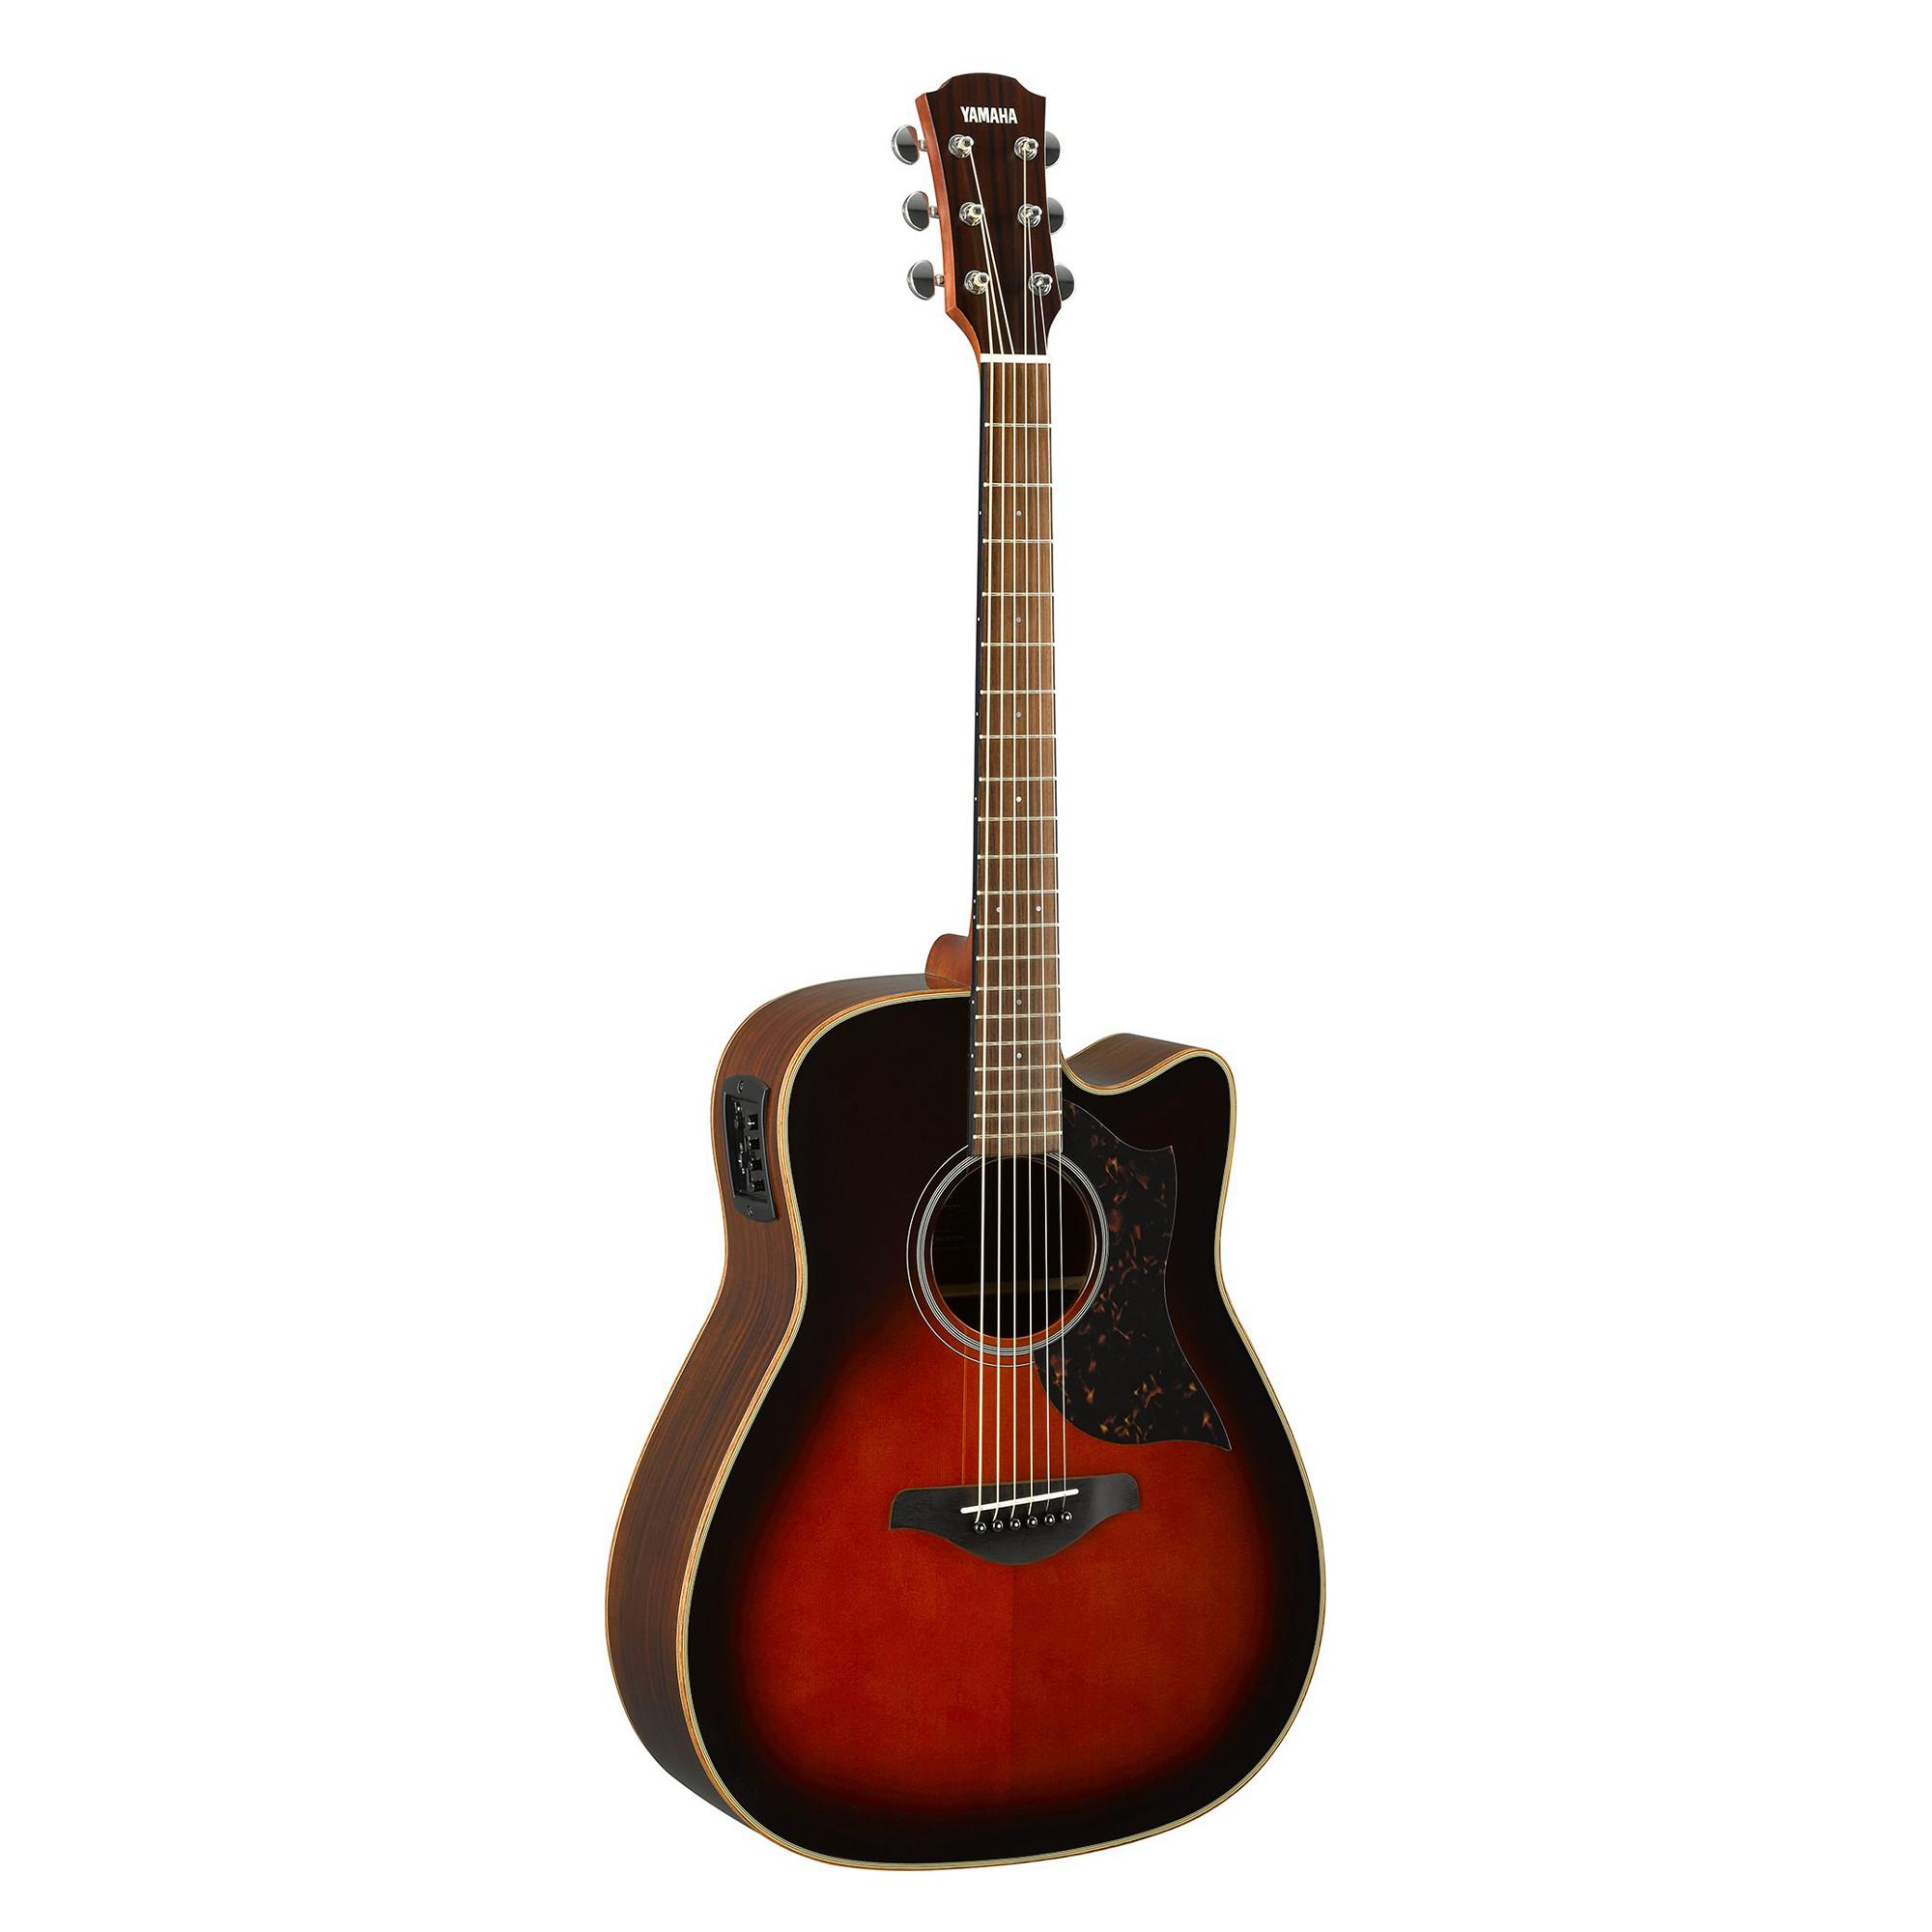 Yamaha Acoustic Electric Guitar Series A1R   Tmw regarding Yamaha Singapore Calendar